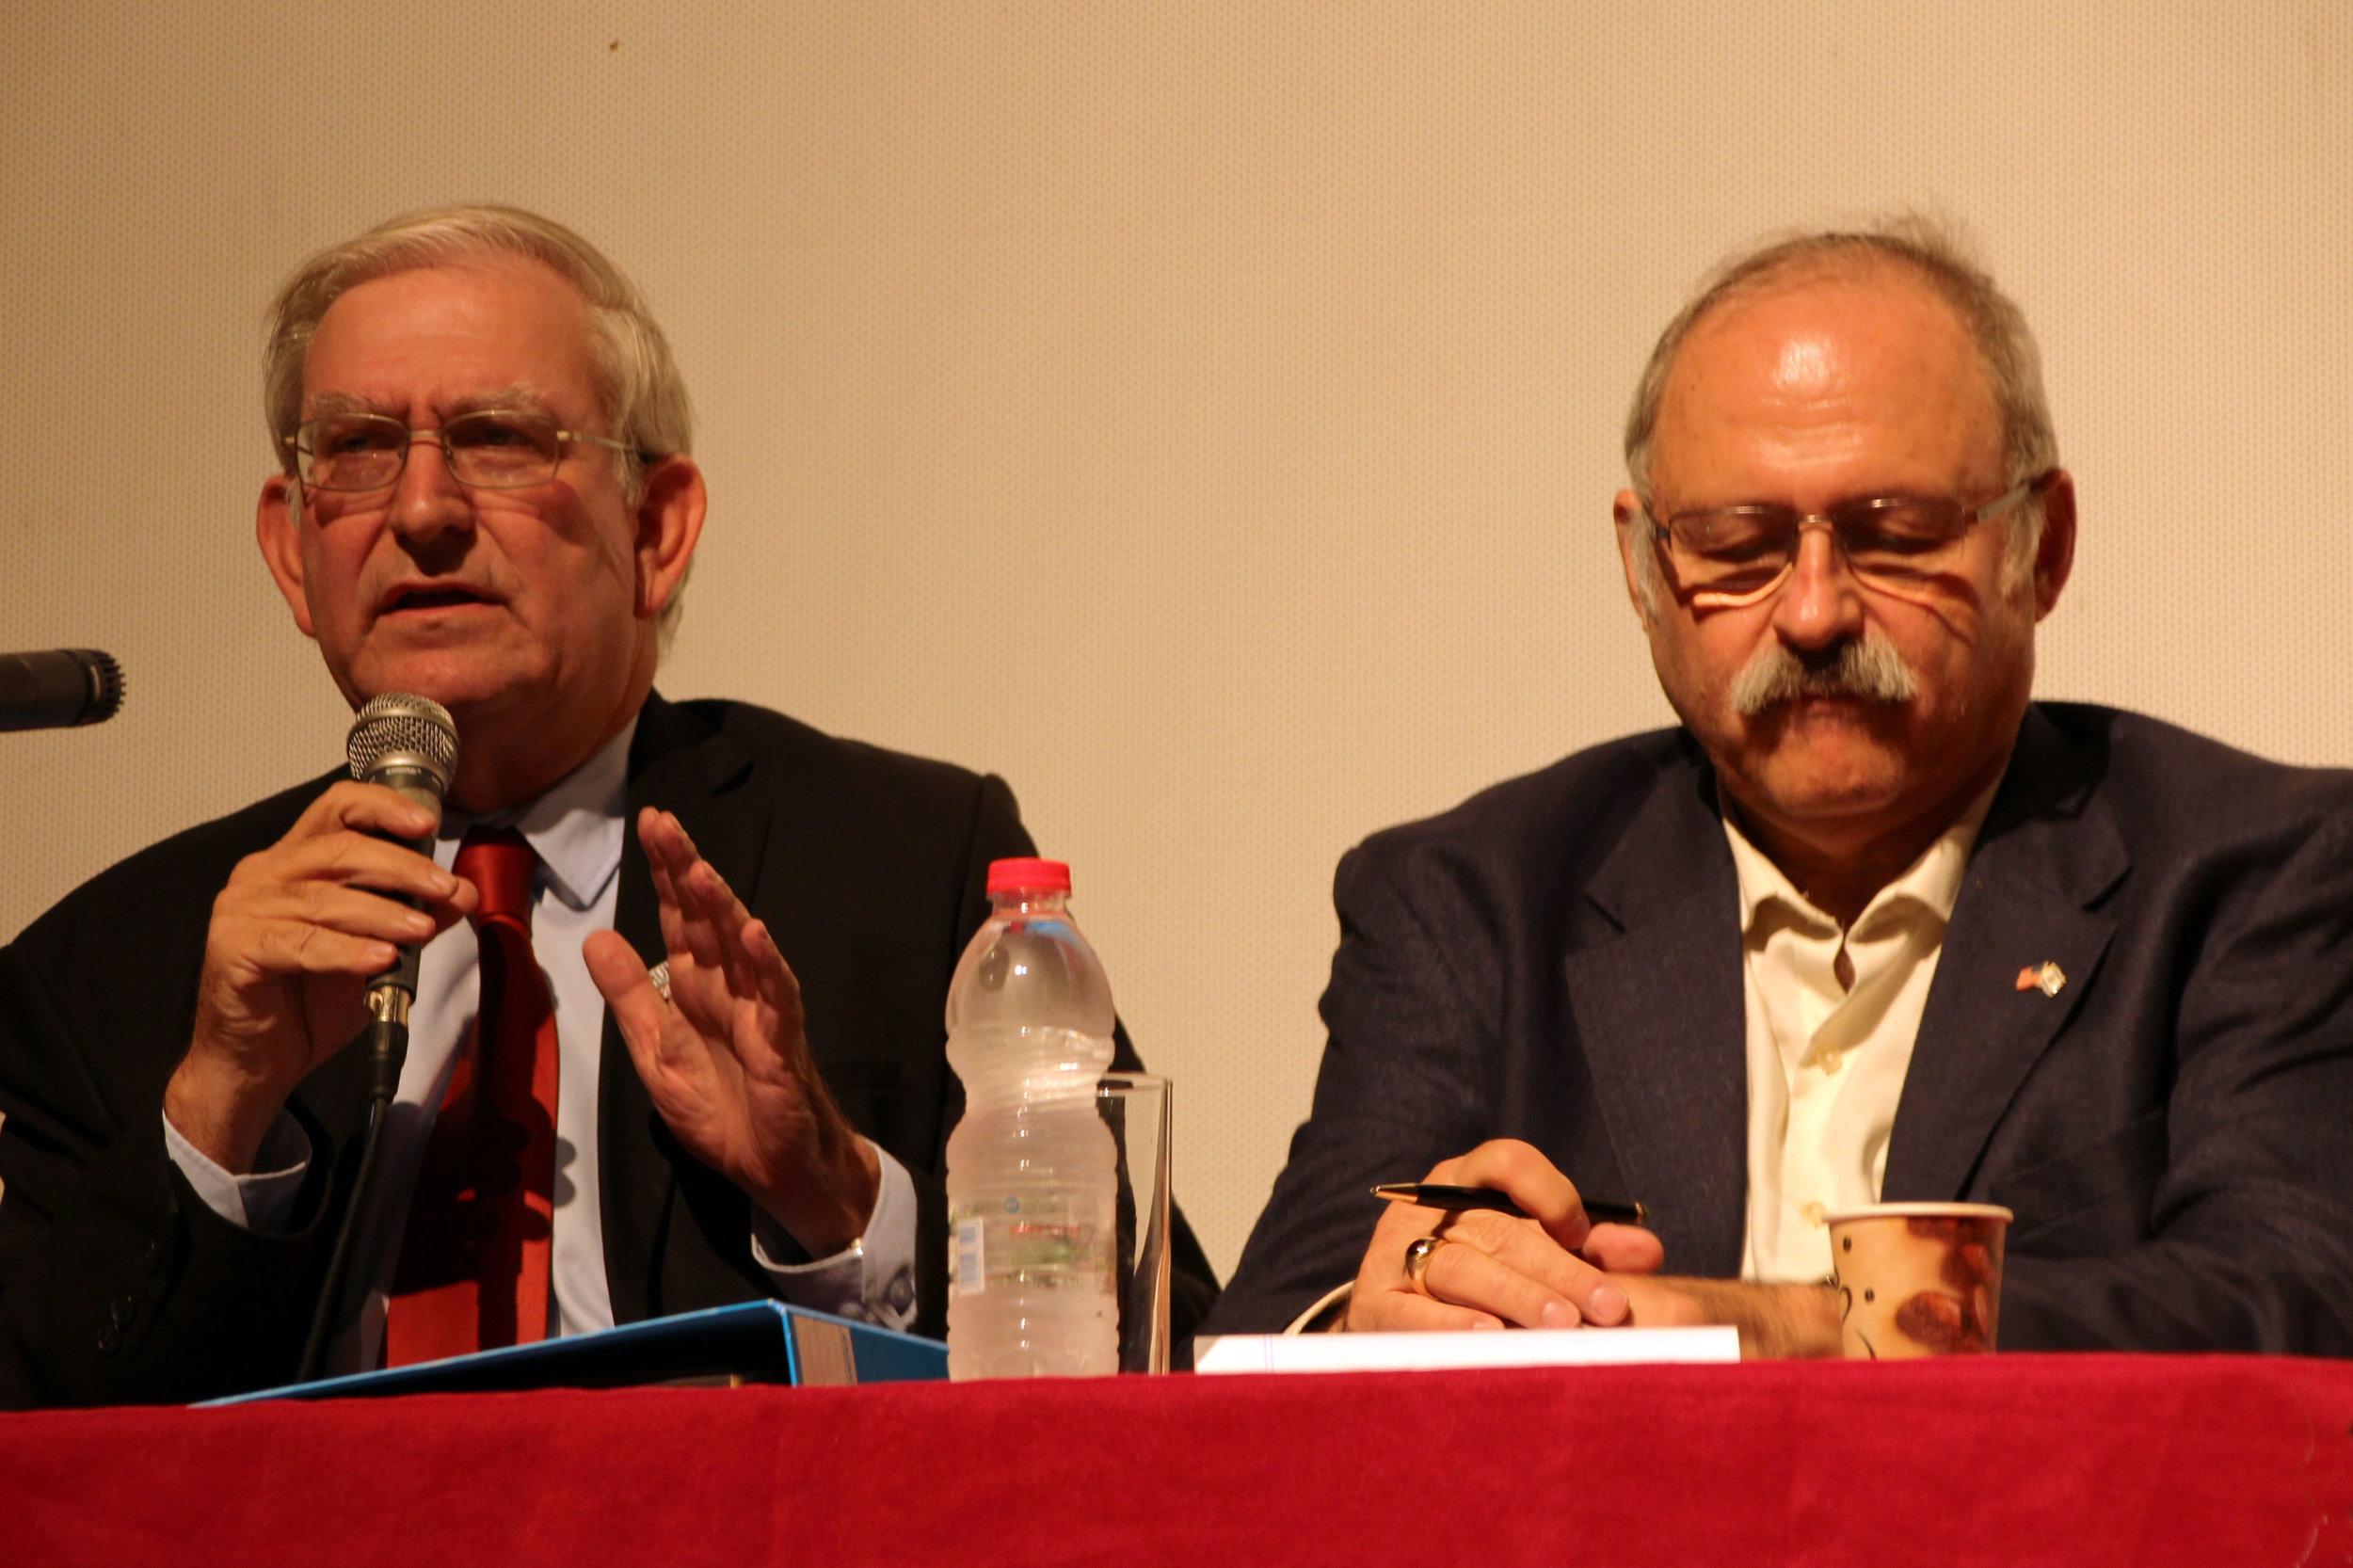 Mark Zell & Sheldon Schorer during debate.jpg